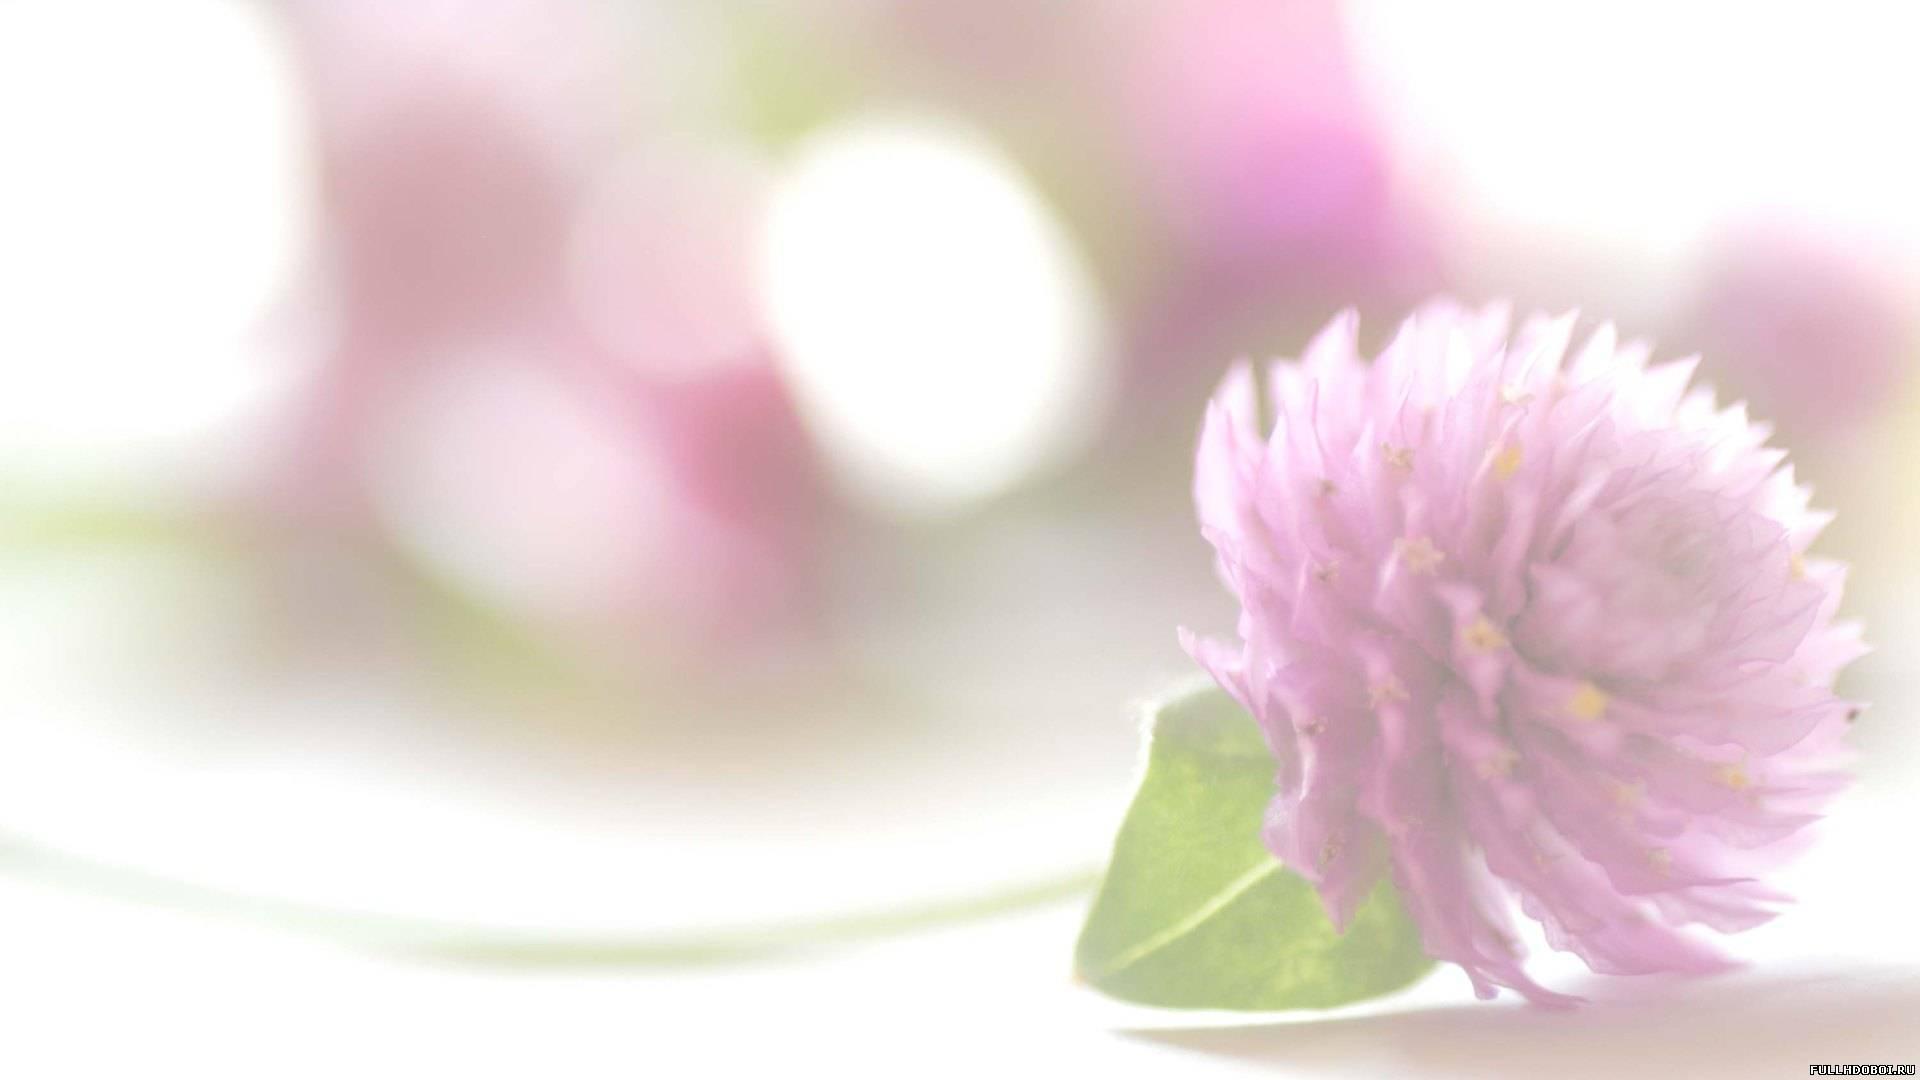 ... картинки Красивые цветы скачать здесь: www.fullhdoboi.ru/photo/flowers/krasivye_cvety/2-0-2398